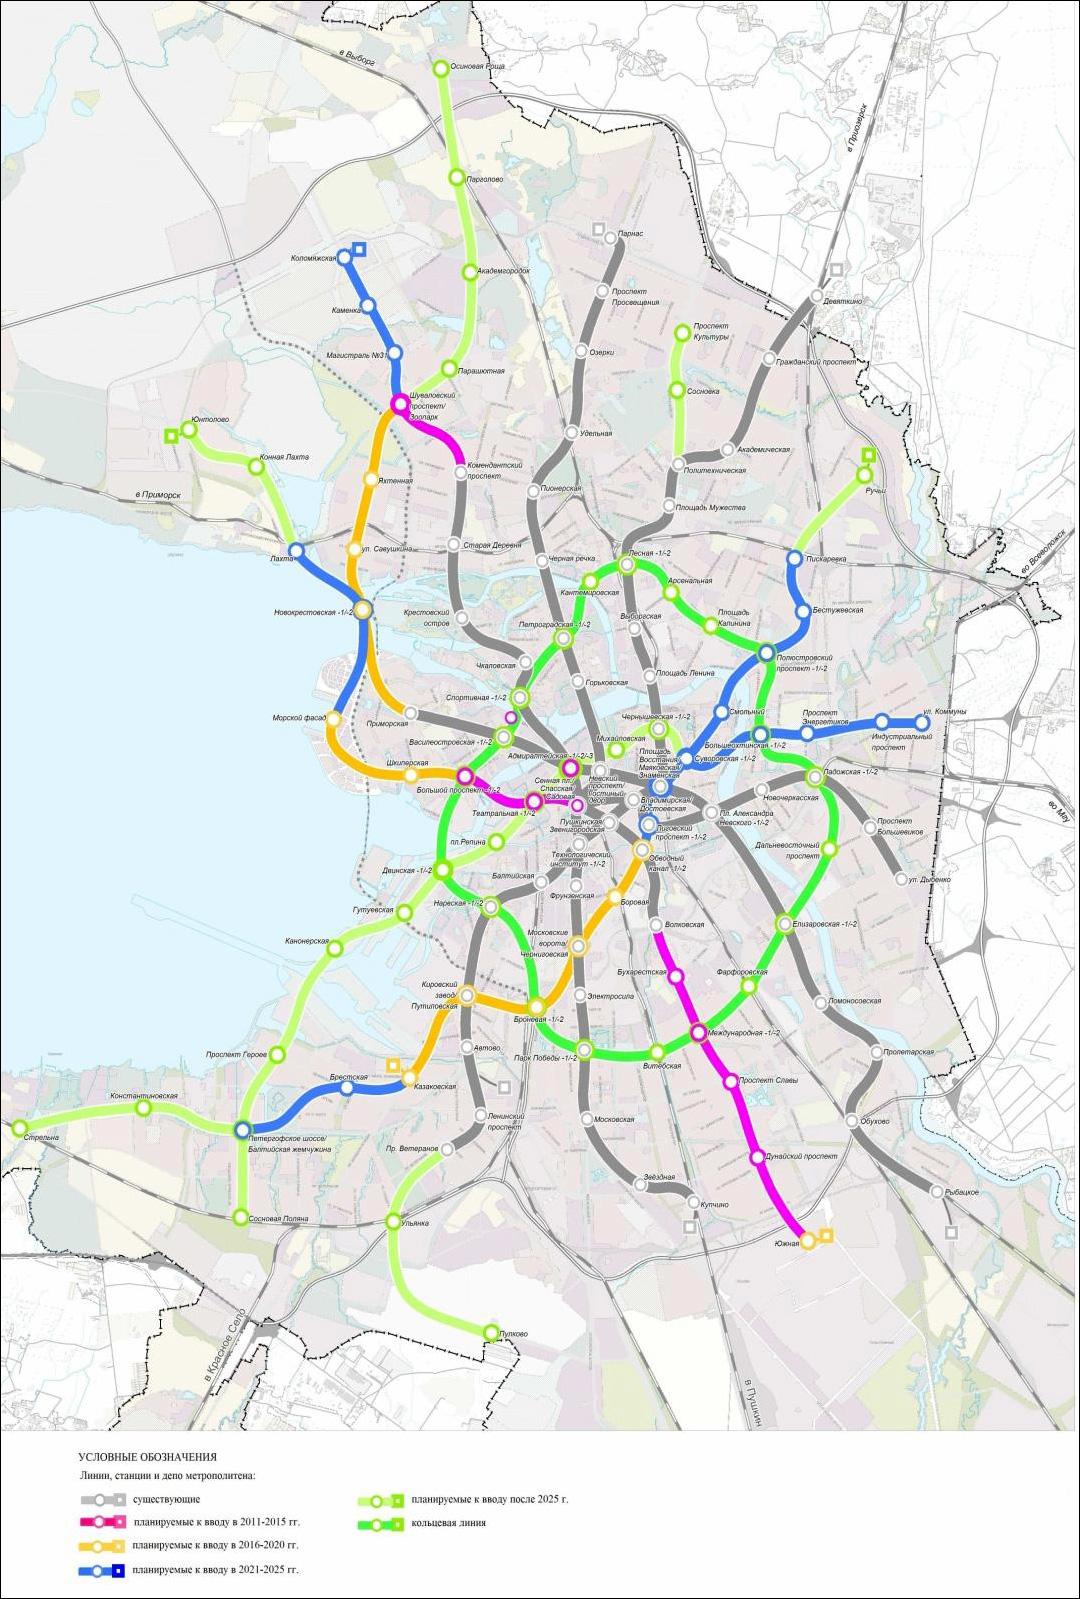 Планы развития московского метро московские власти планируют построить более 70 км новых линий метро к 2015 году